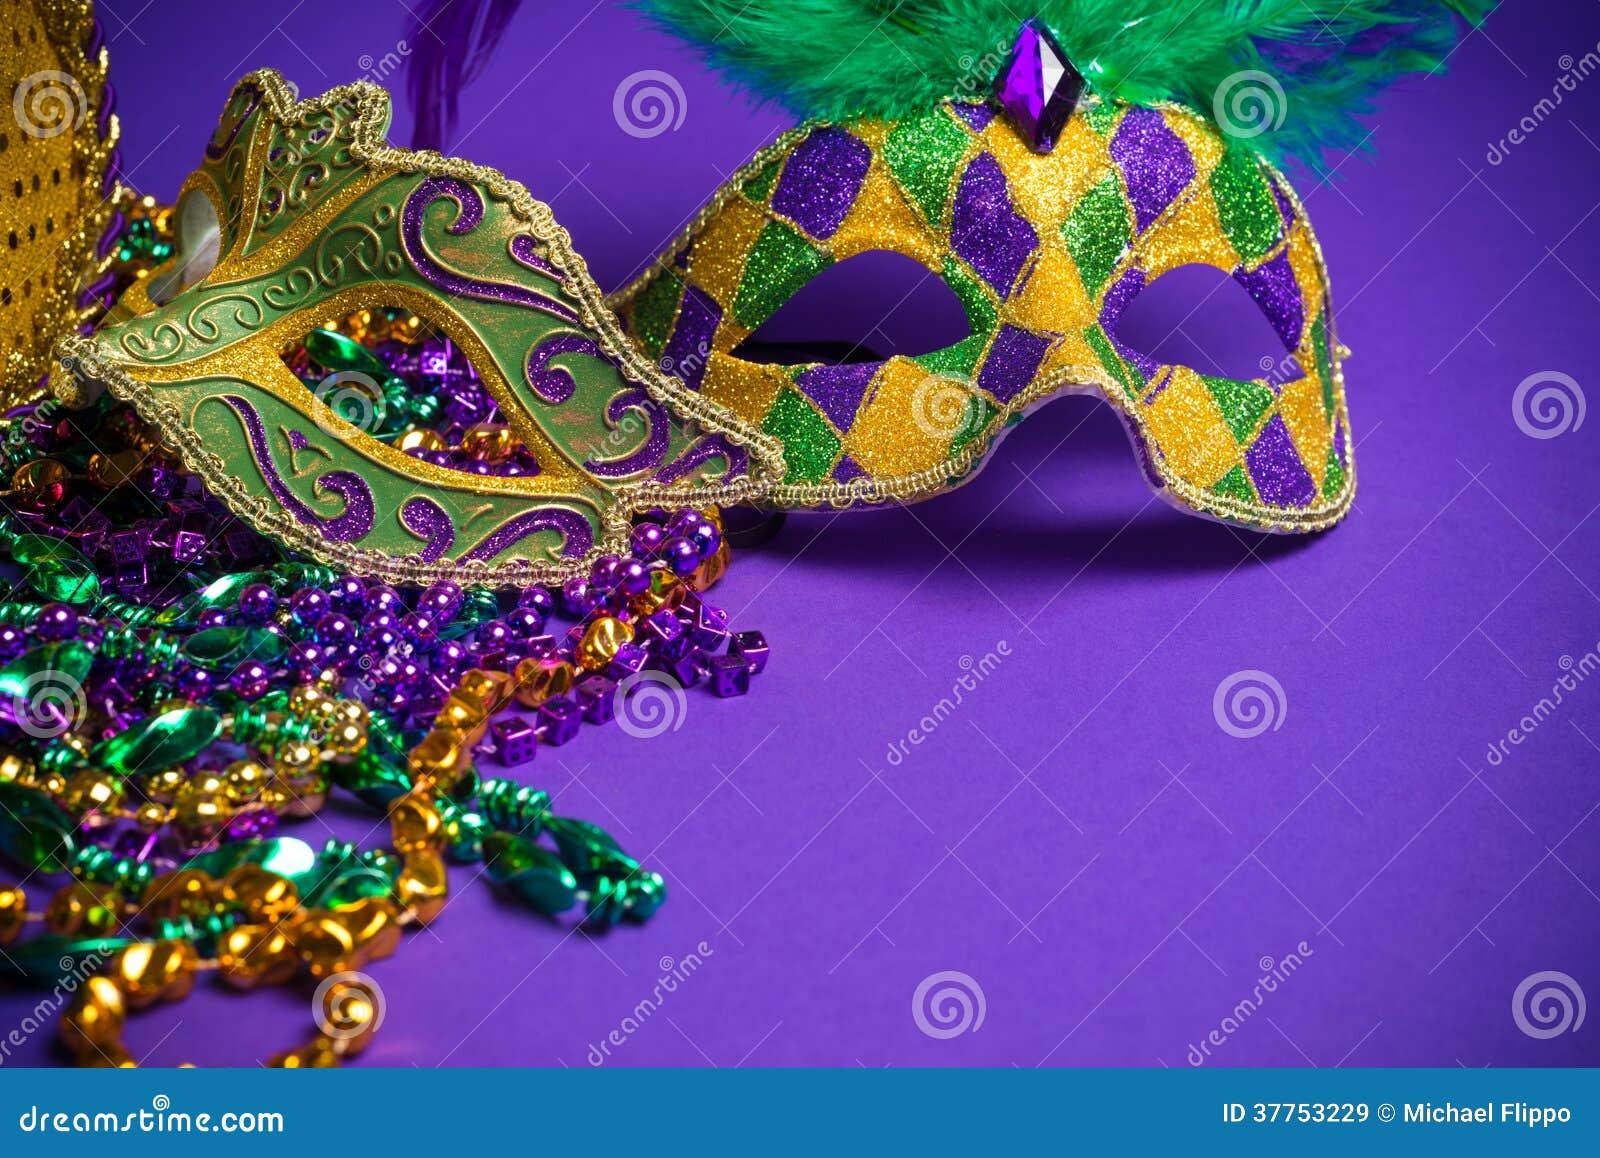 Blandad Mardi Gras eller Carnivale maskering på en purpurfärgad bakgrund